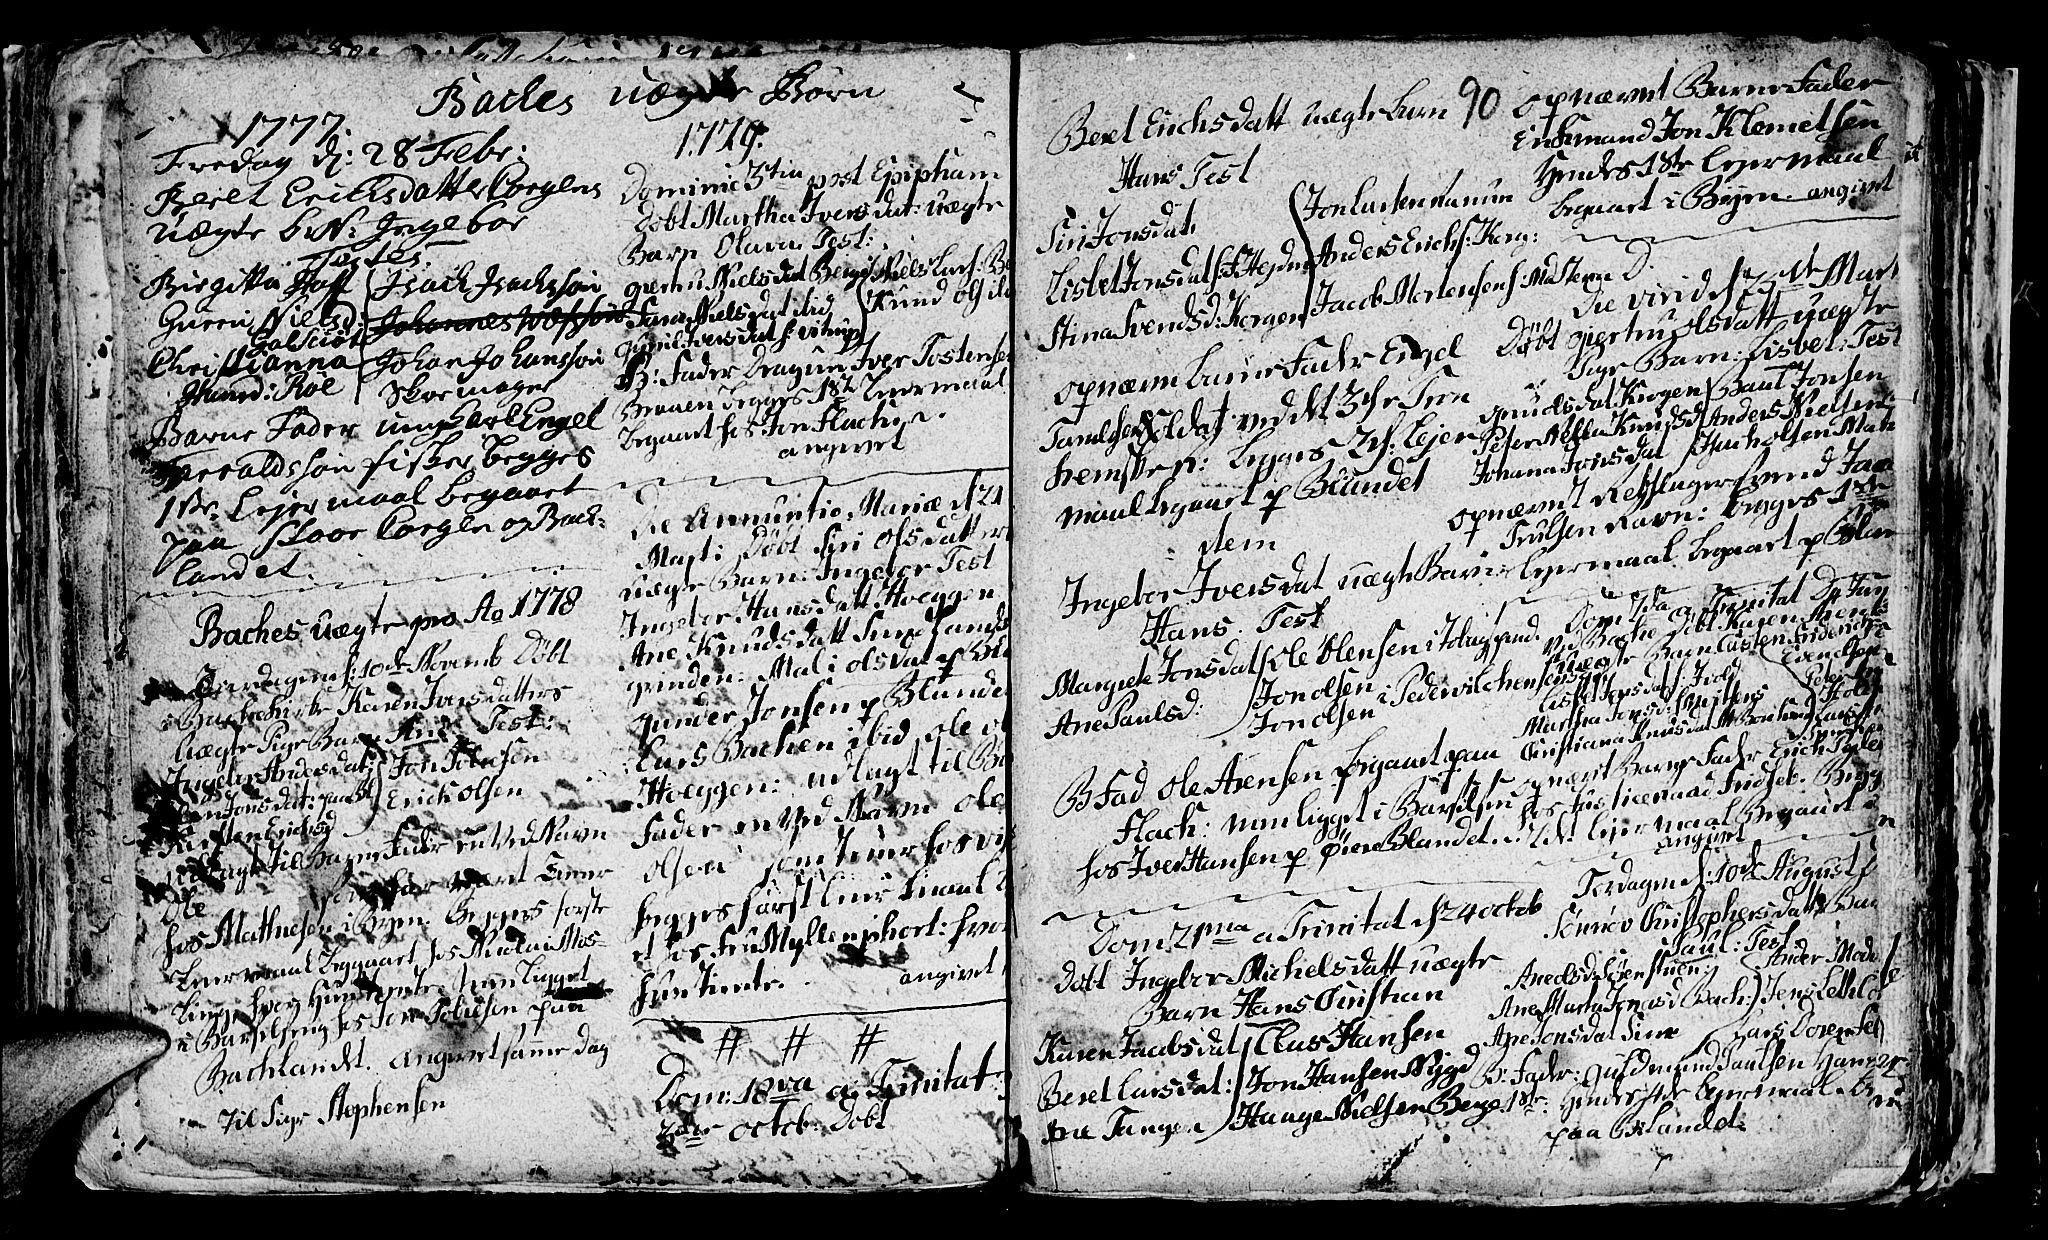 SAT, Ministerialprotokoller, klokkerbøker og fødselsregistre - Sør-Trøndelag, 604/L0218: Klokkerbok nr. 604C01, 1754-1819, s. 90